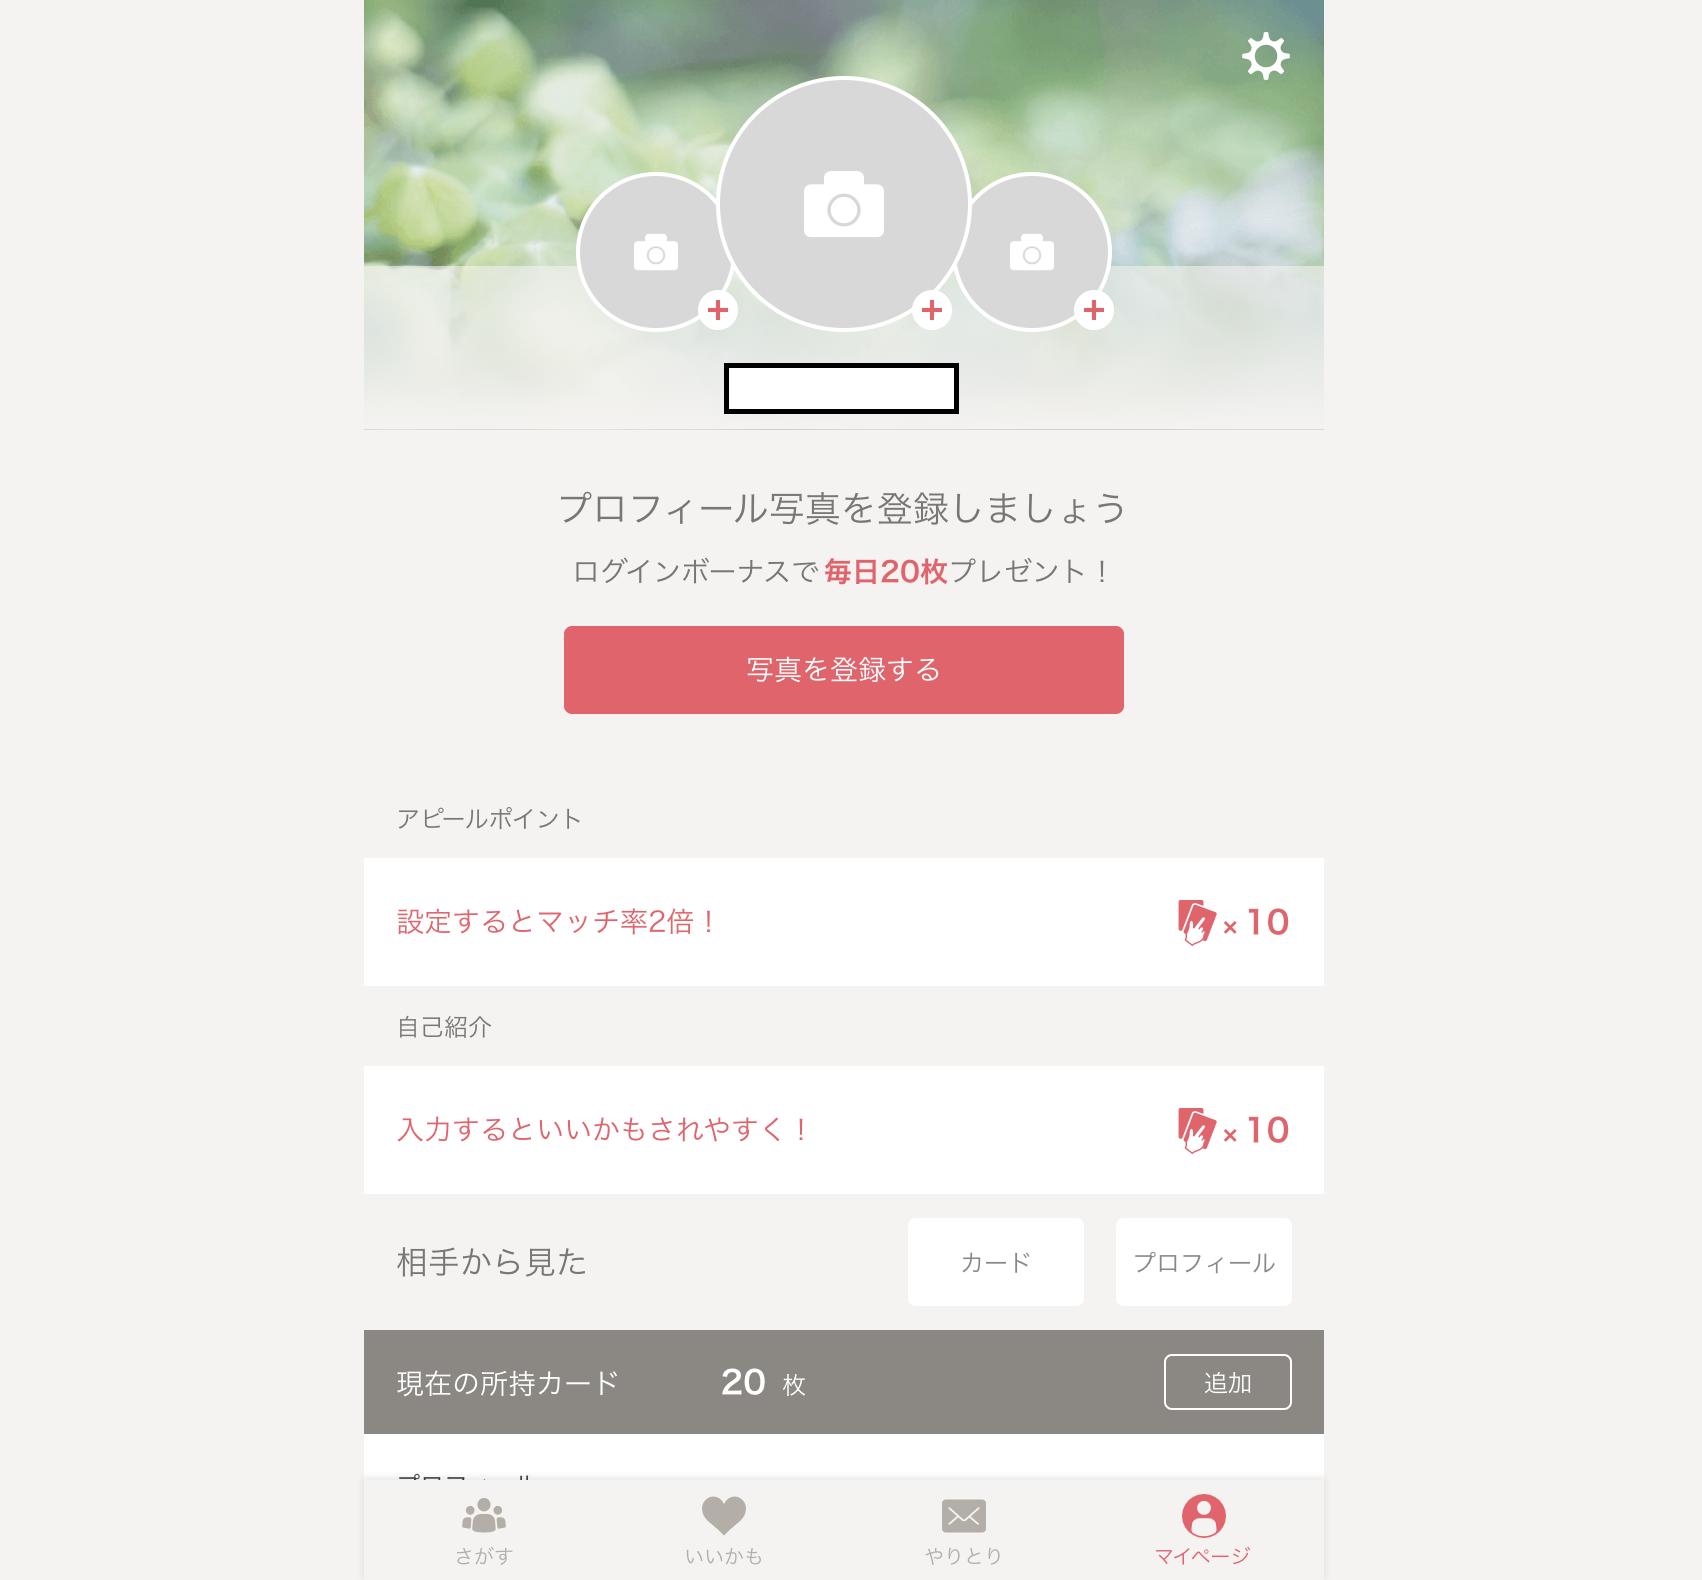 タップル誕生 【スクショ付】PC、webブラウザからの年齢確認の方法